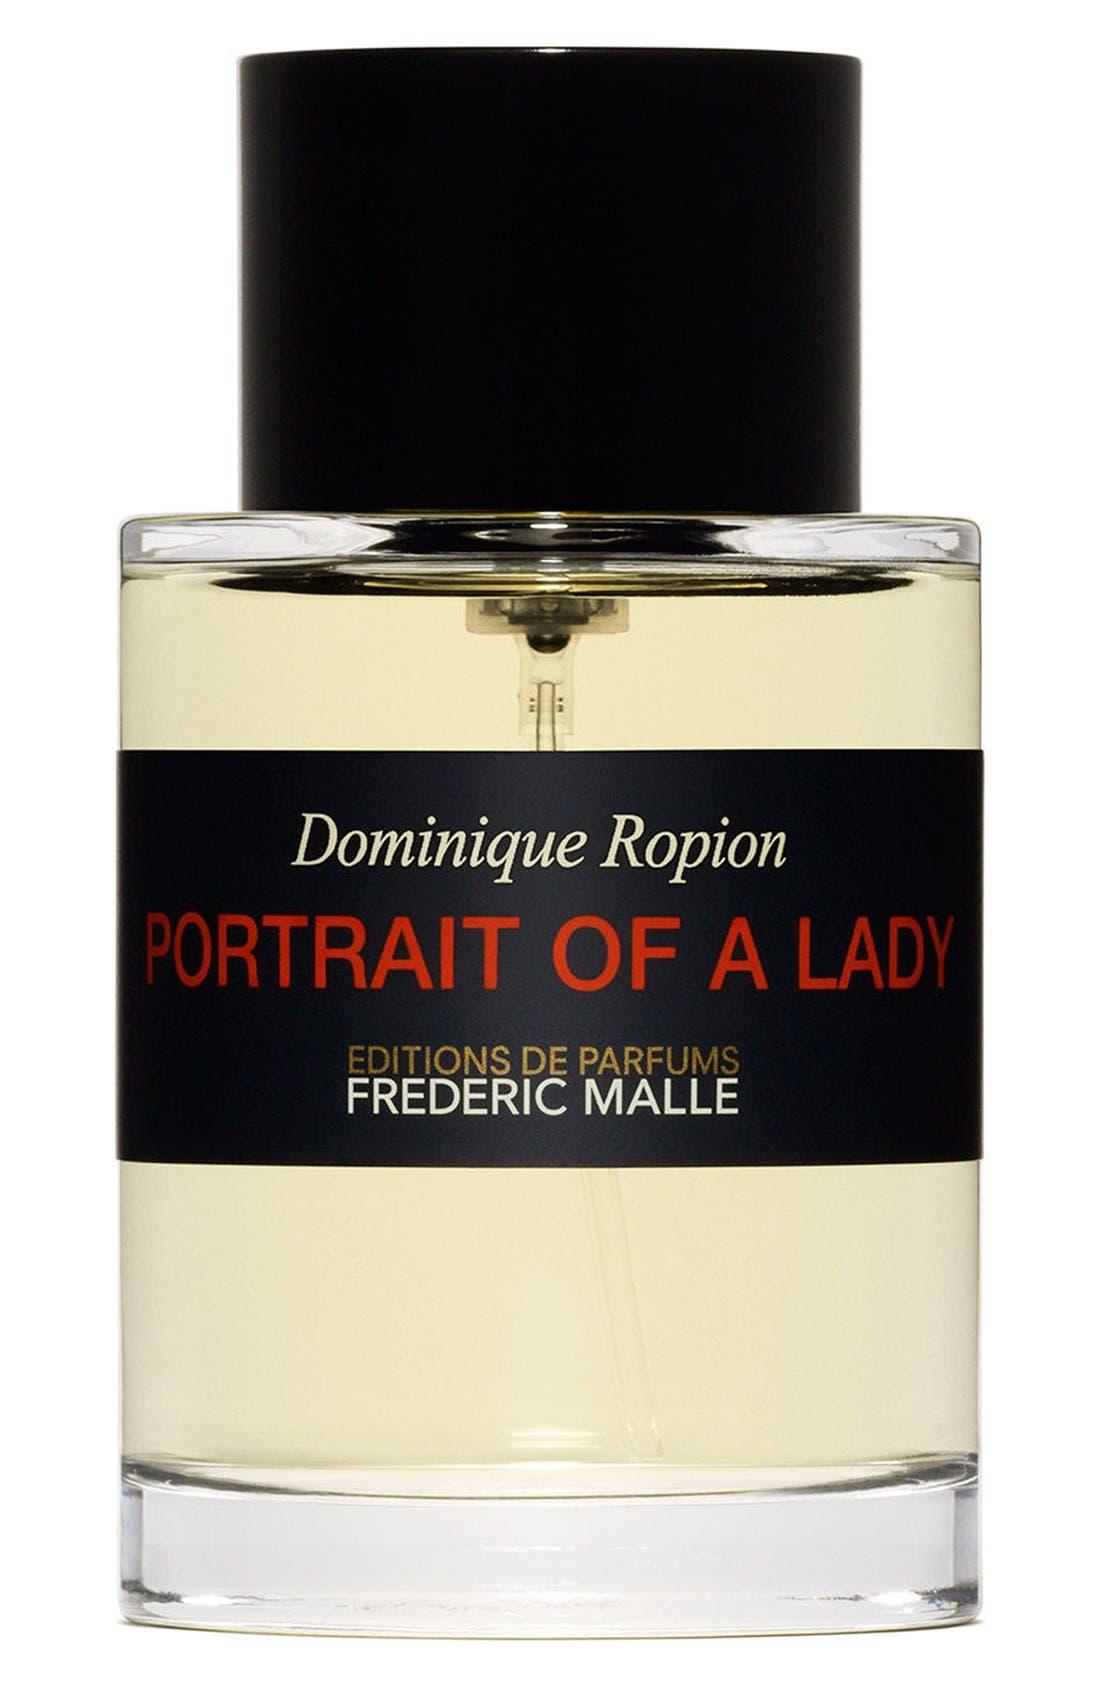 Editions de Parfums Frédéric Malle Portrait of a Lady Parfum Spray